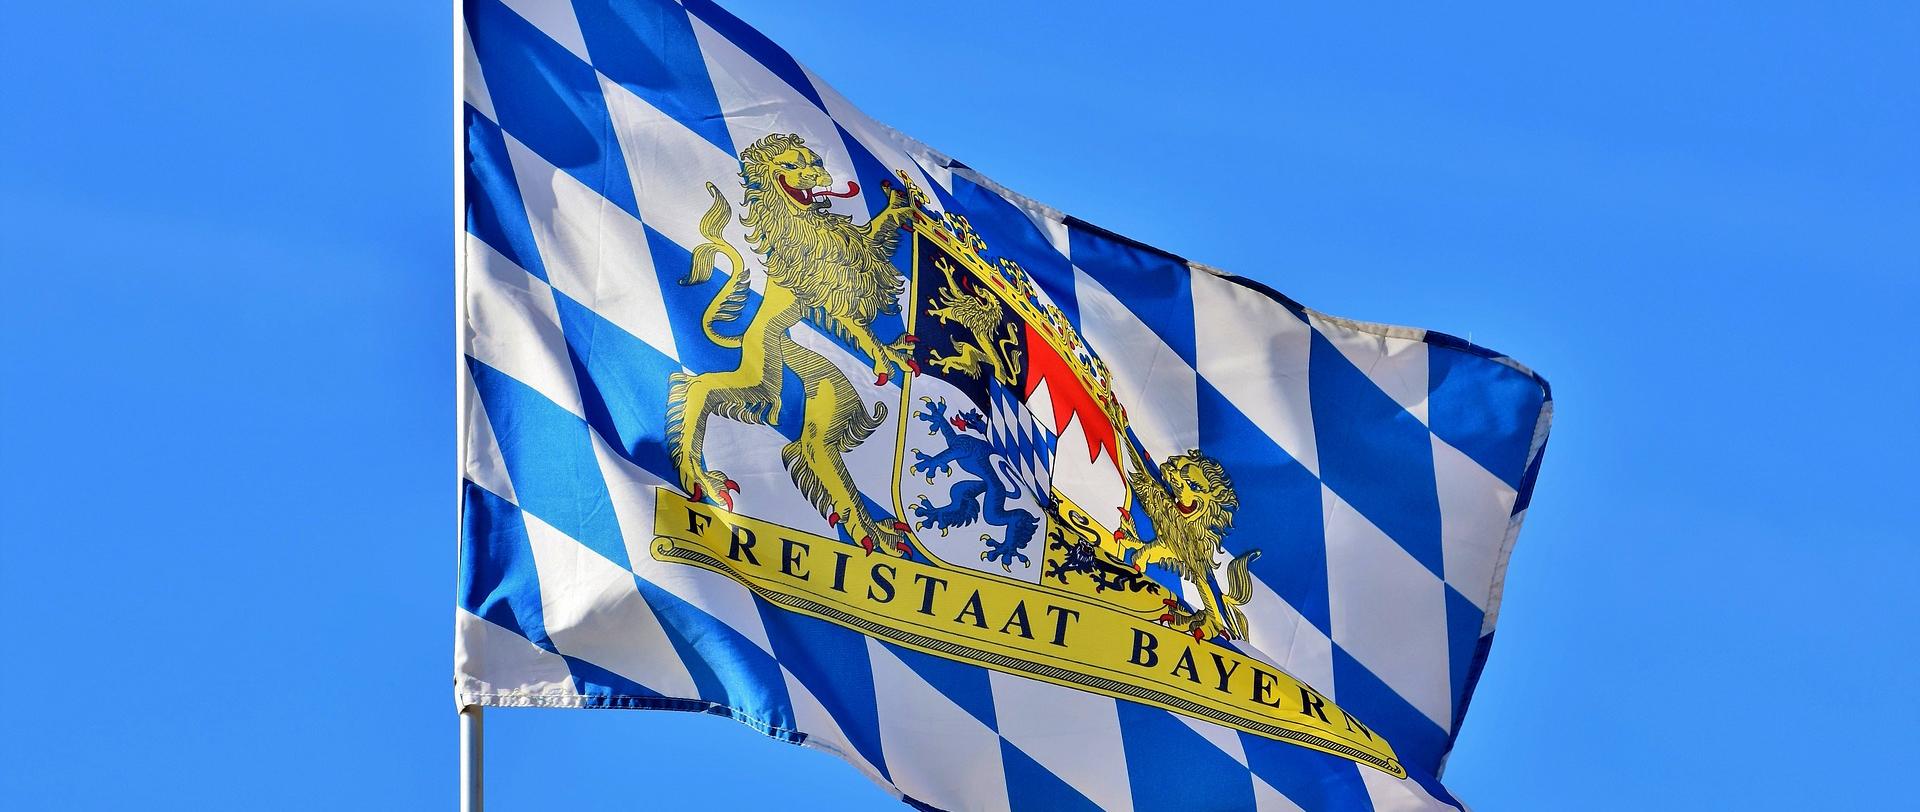 100 Jahre Freistaat Bayern!